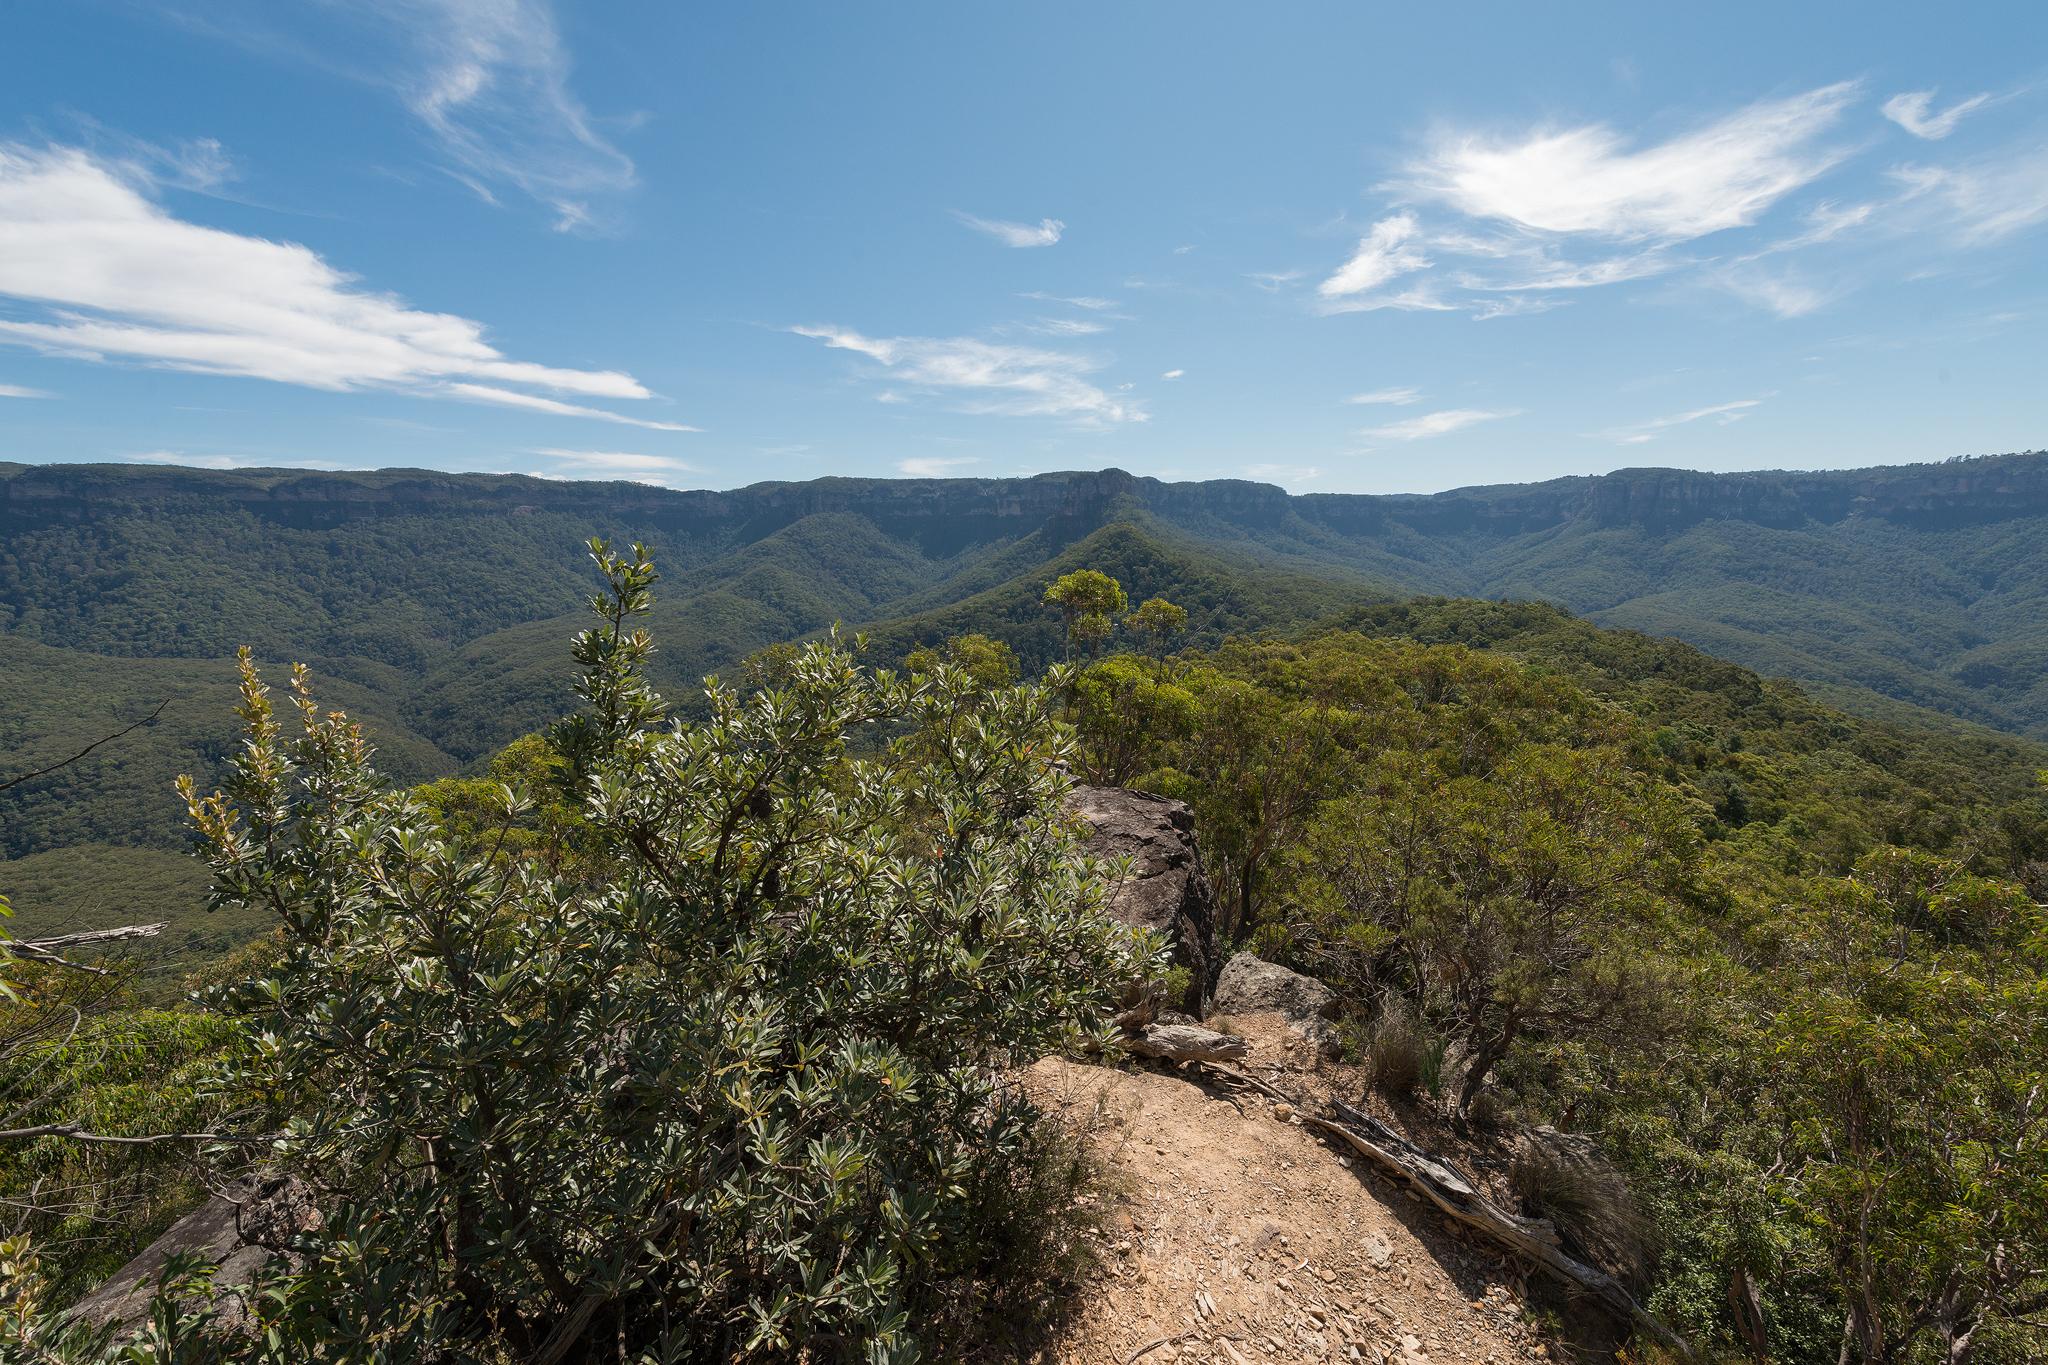 Katoomba cliffline views